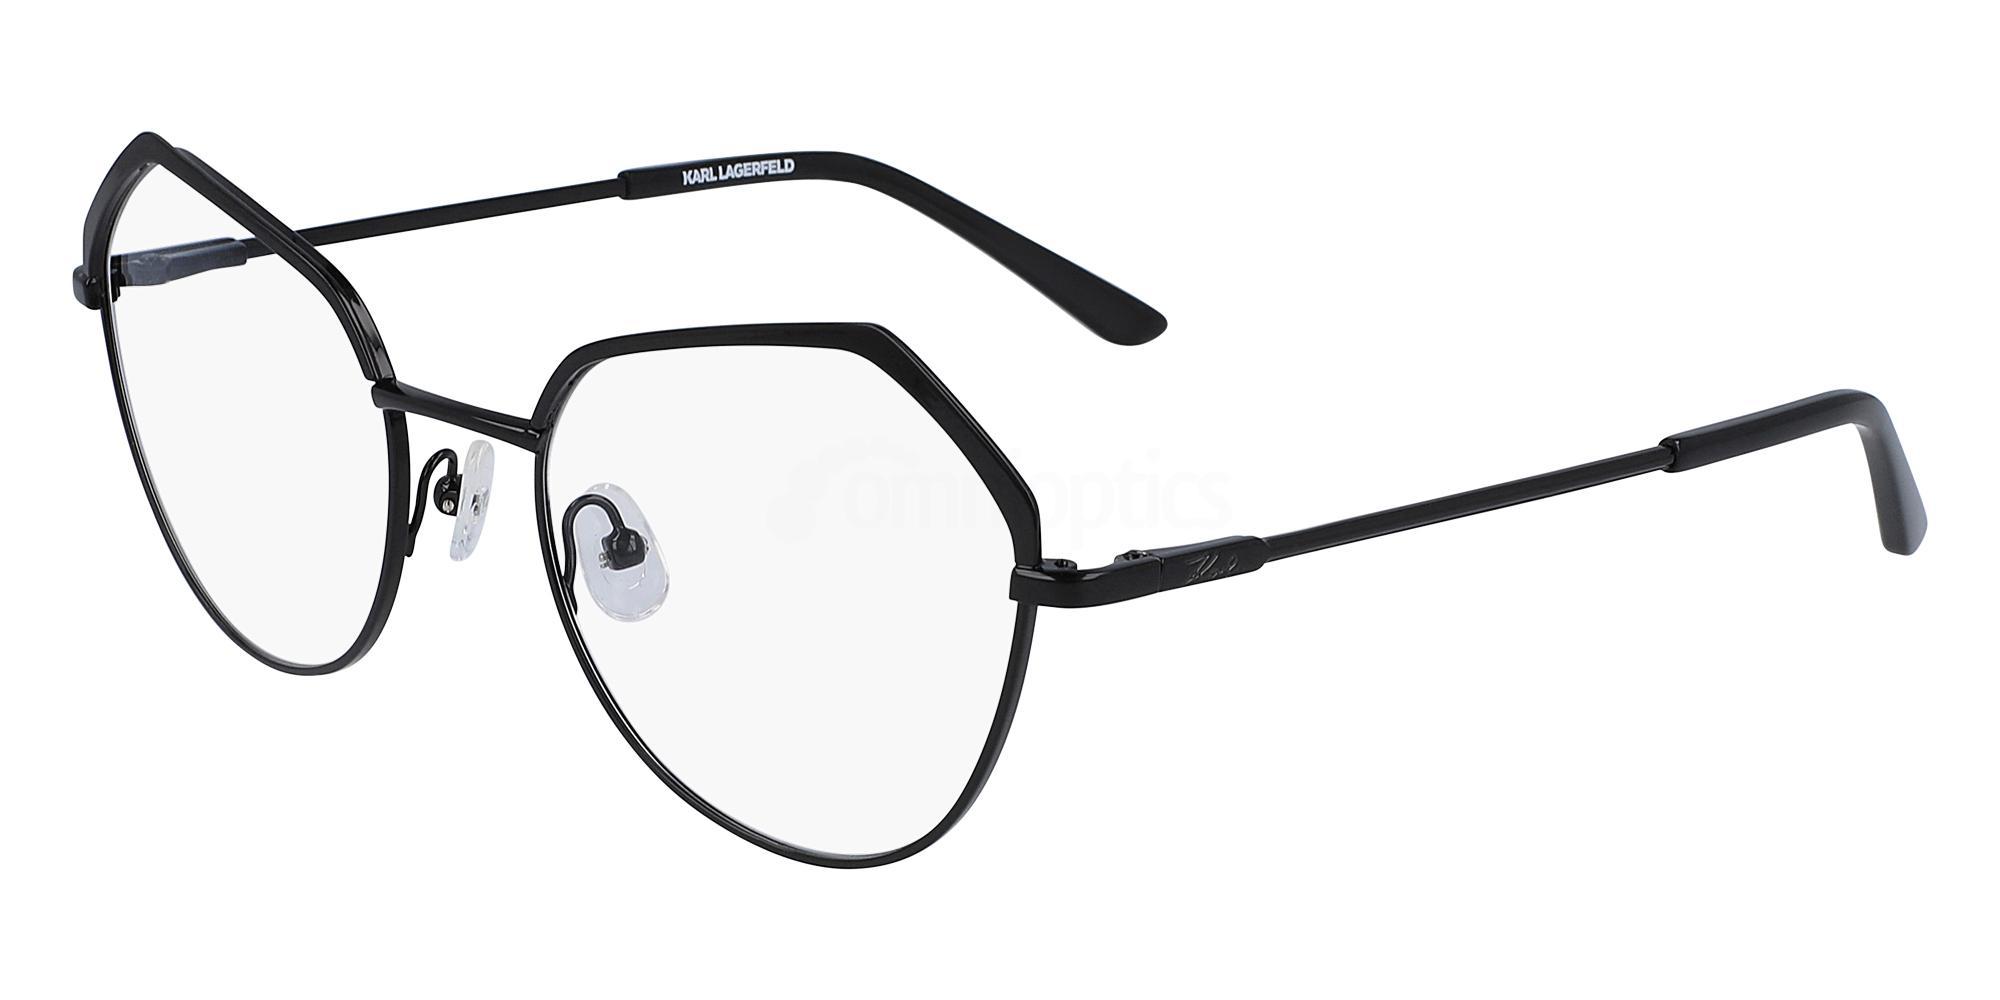 501 KL286 Glasses, Karl Lagerfeld